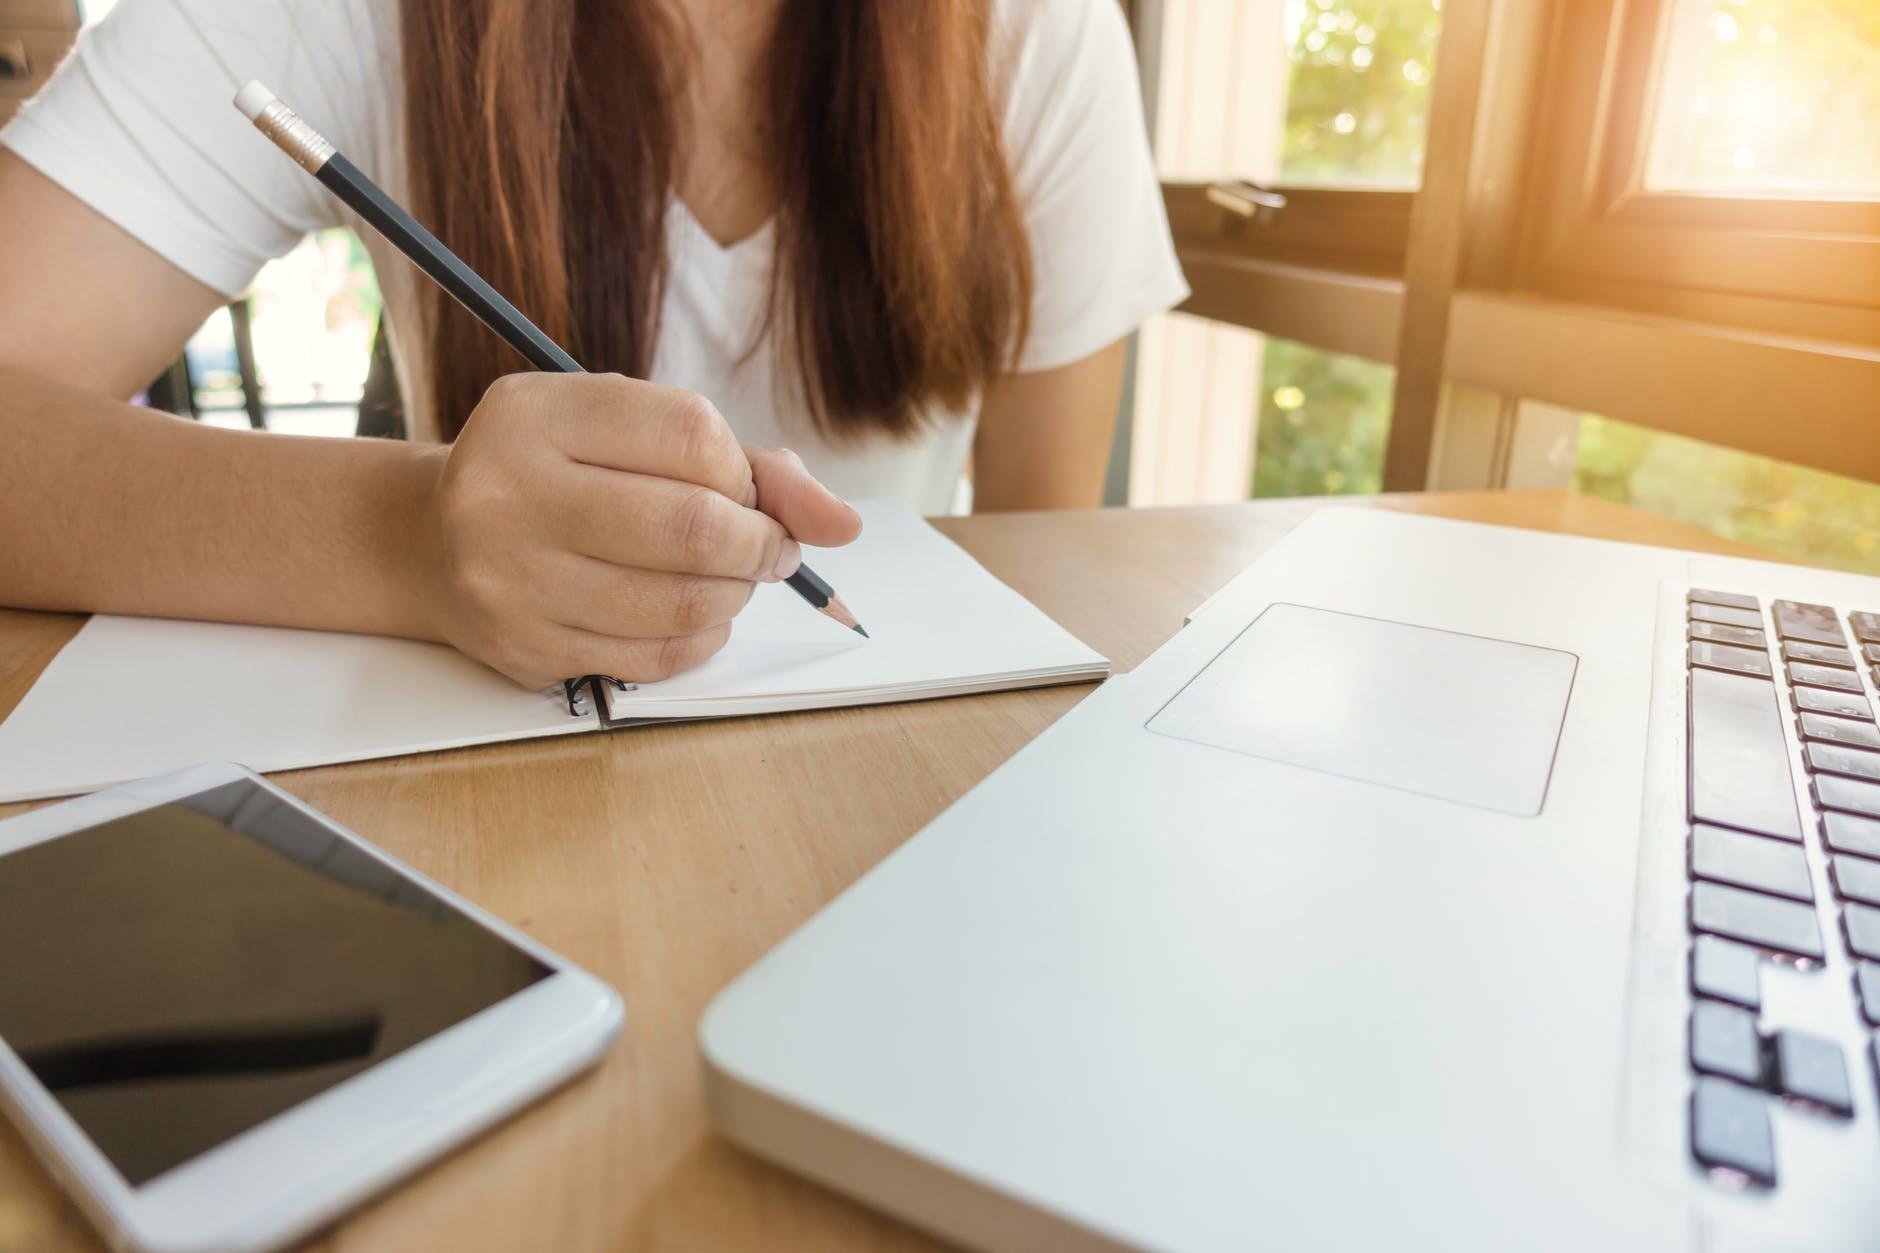 5 Kelebihan Situs Sederet yang Bisa Kamu Dapatkan